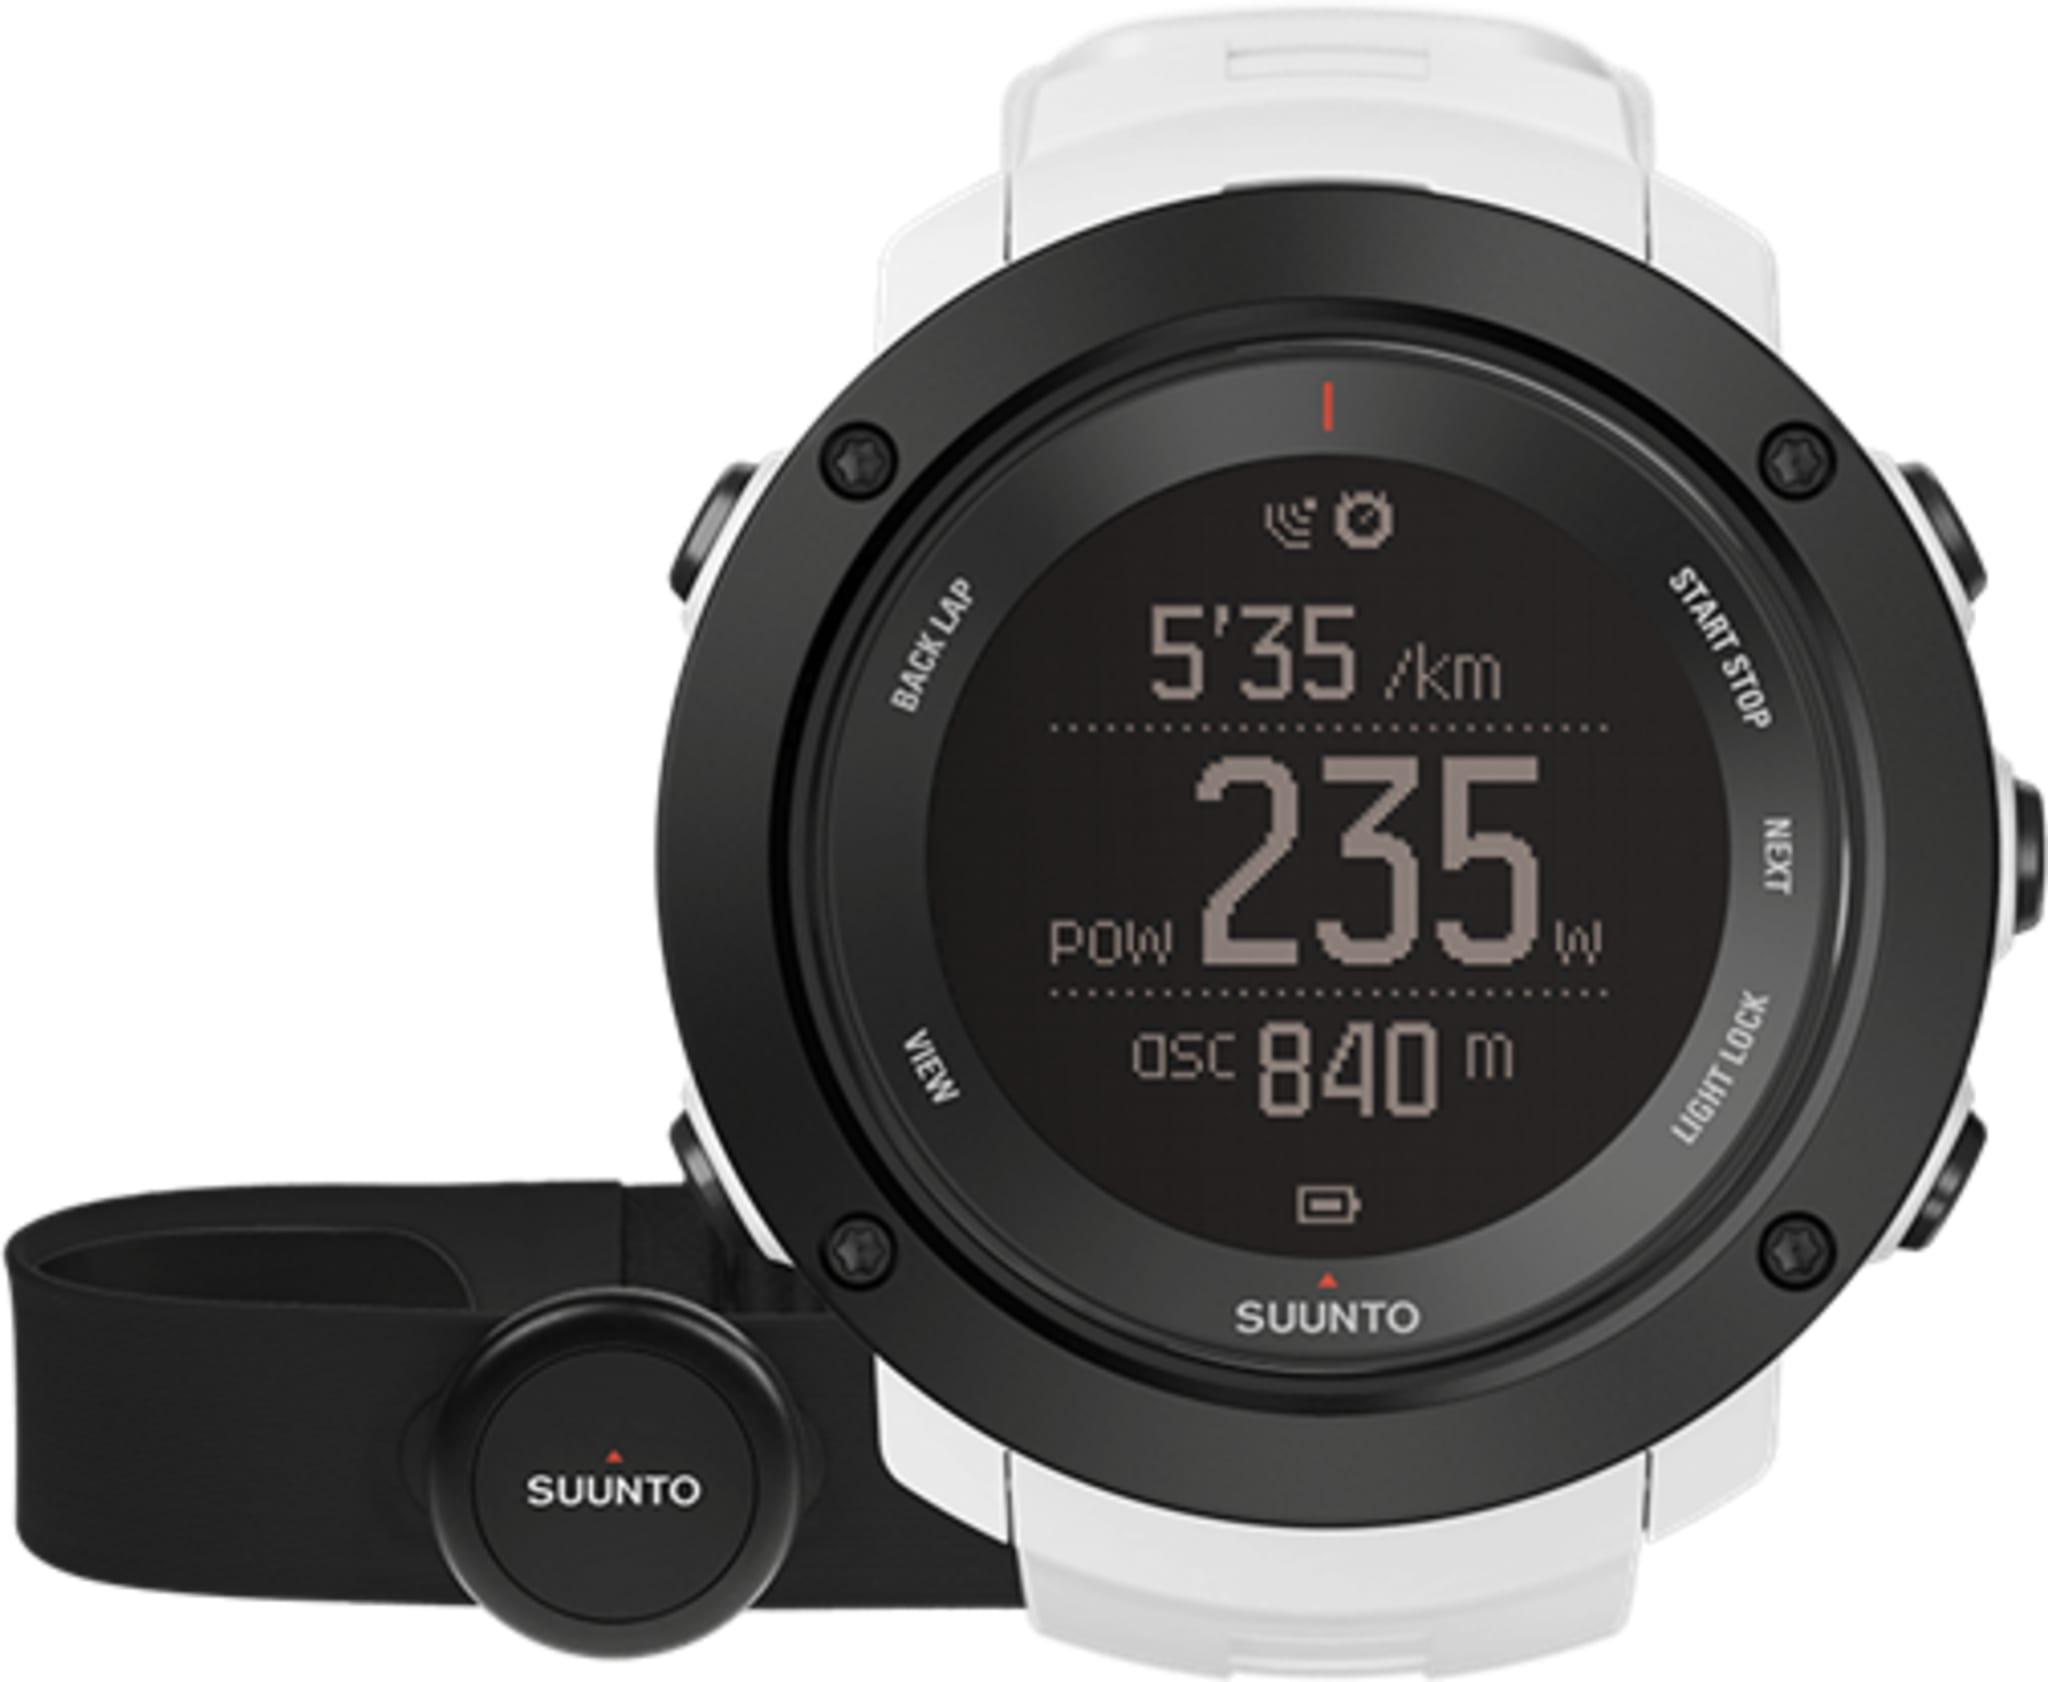 Rå multisportklokke med GPS og puls!